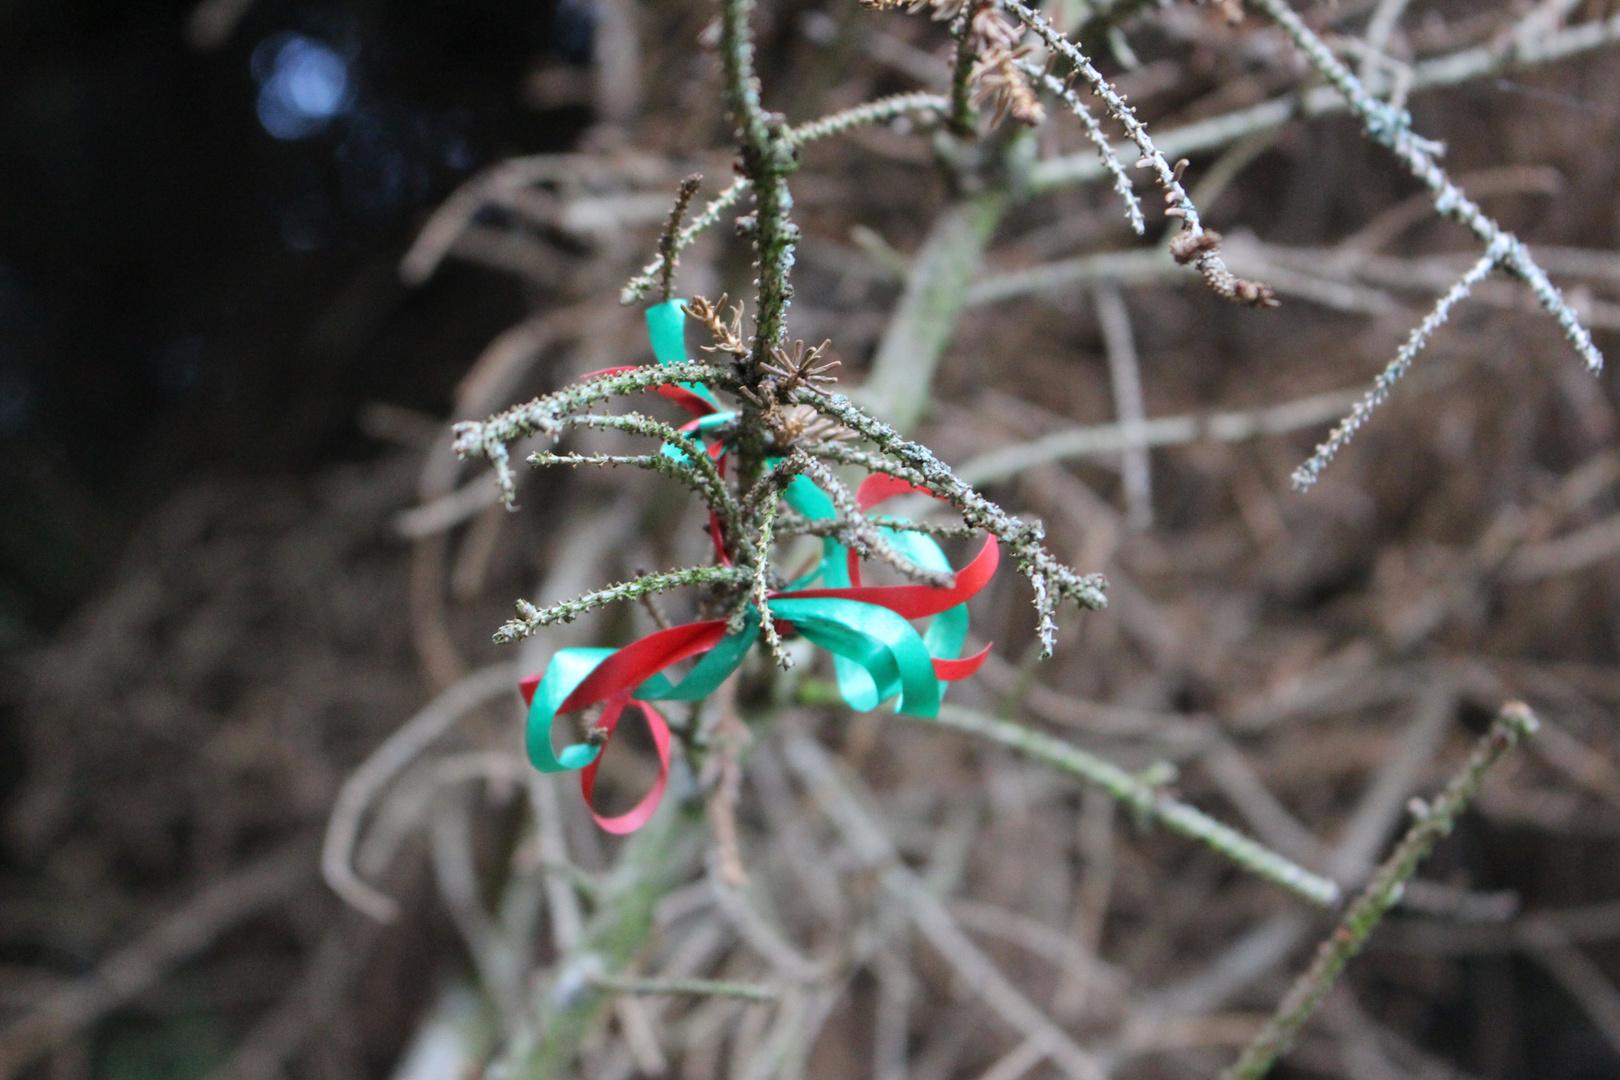 Bunte Schleife am Baum